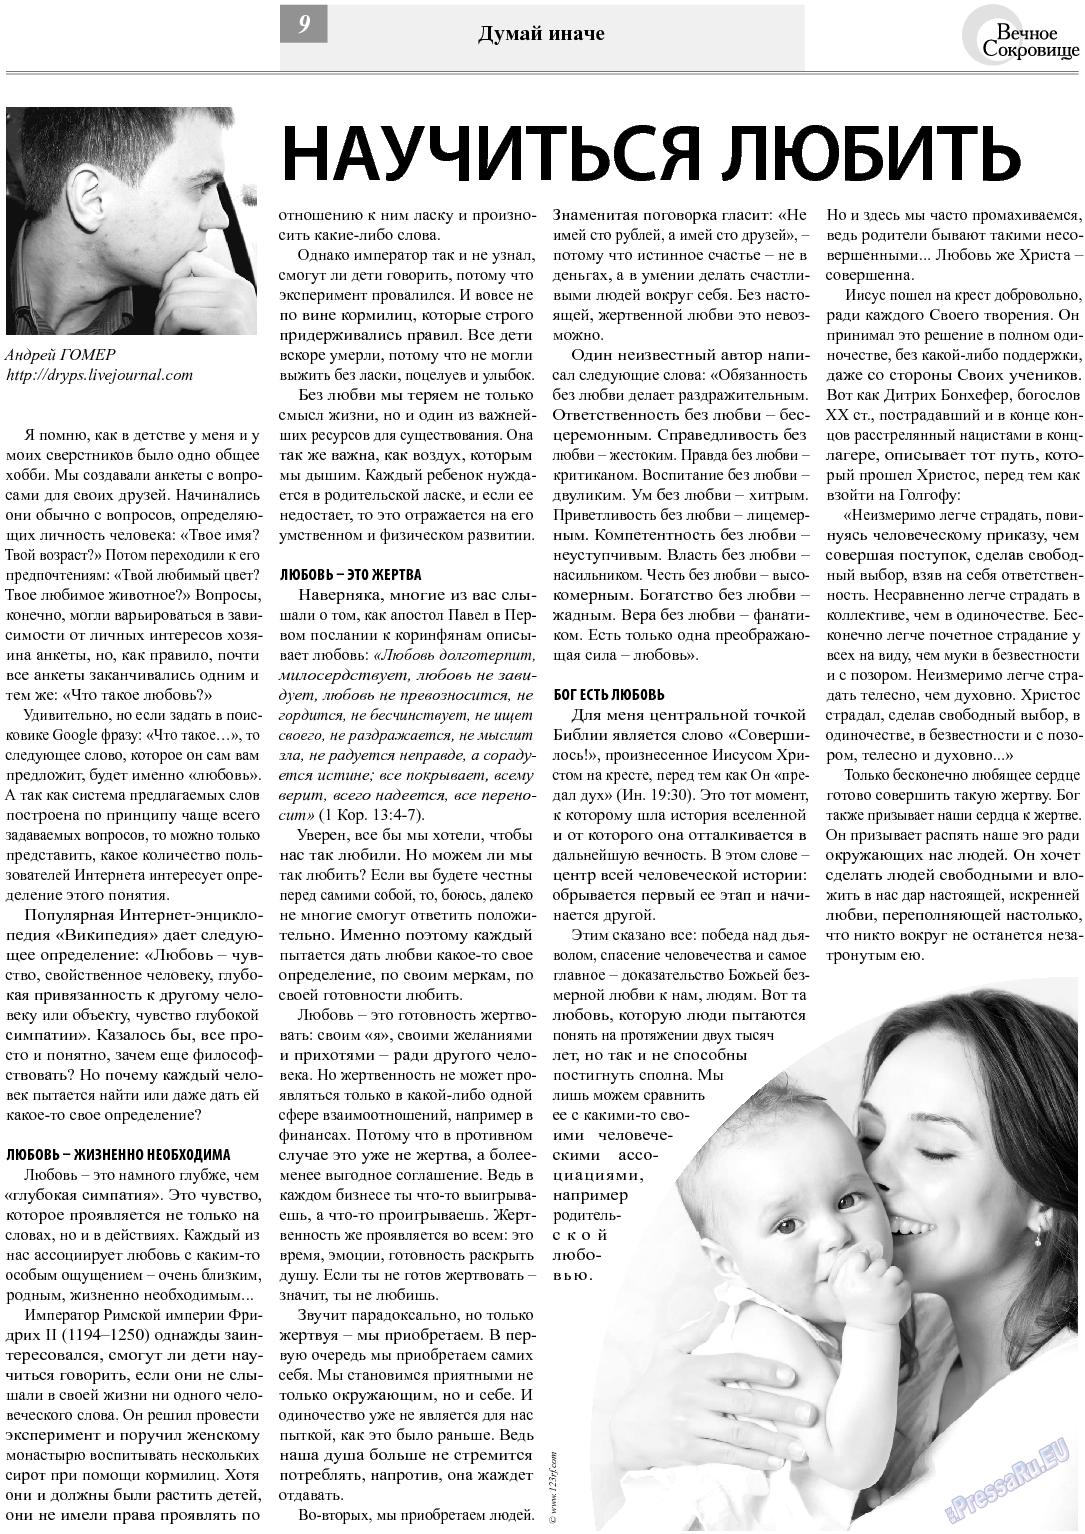 Вечное сокровище (газета). 2013 год, номер 6, стр. 9